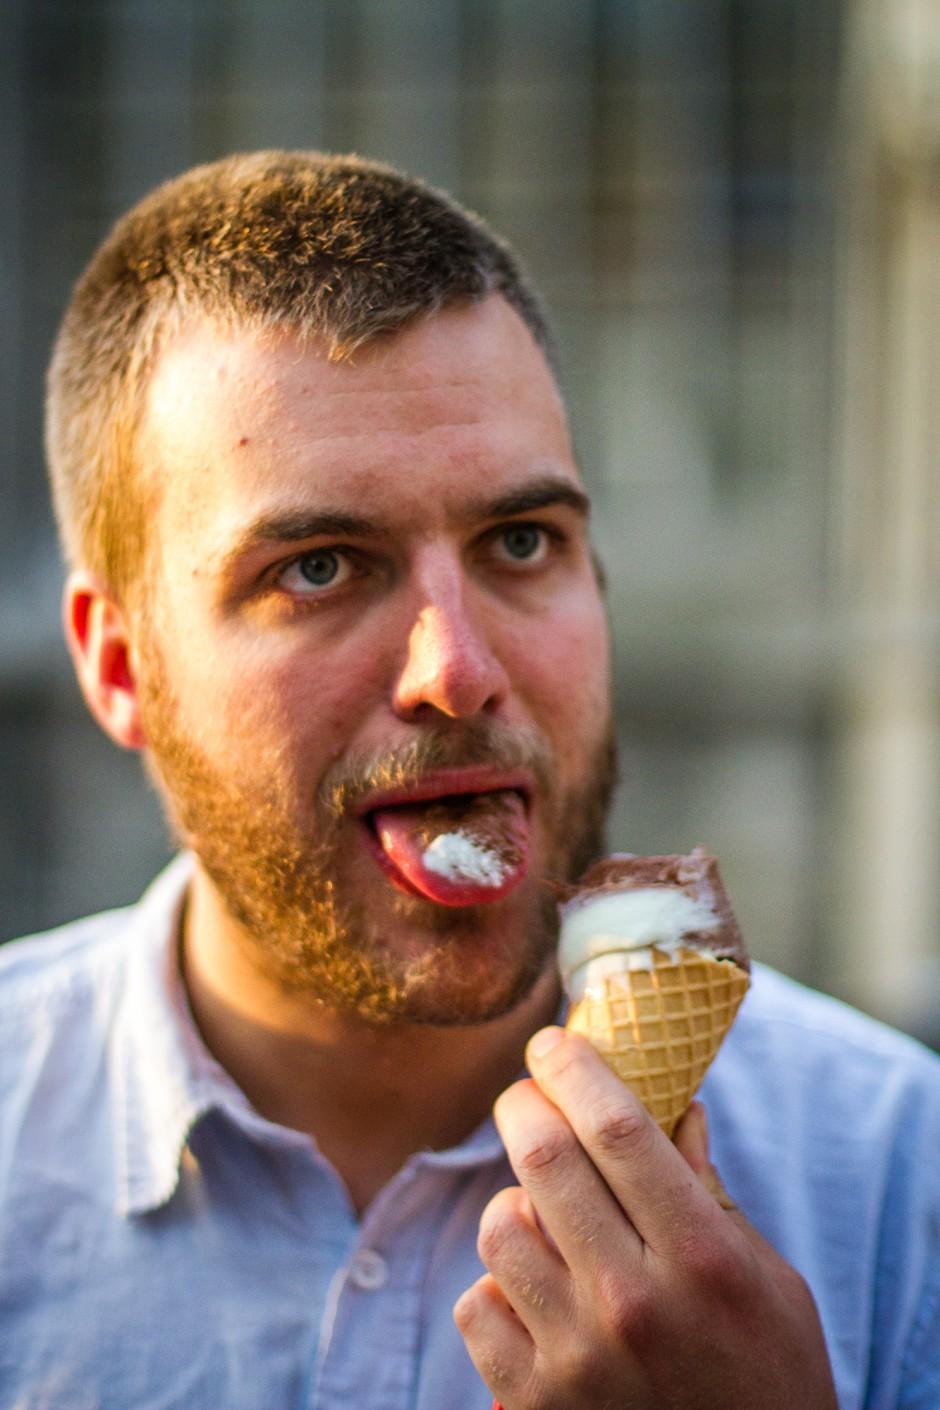 Thomas likt aan een ijsje en bemerkt dat alles klopt